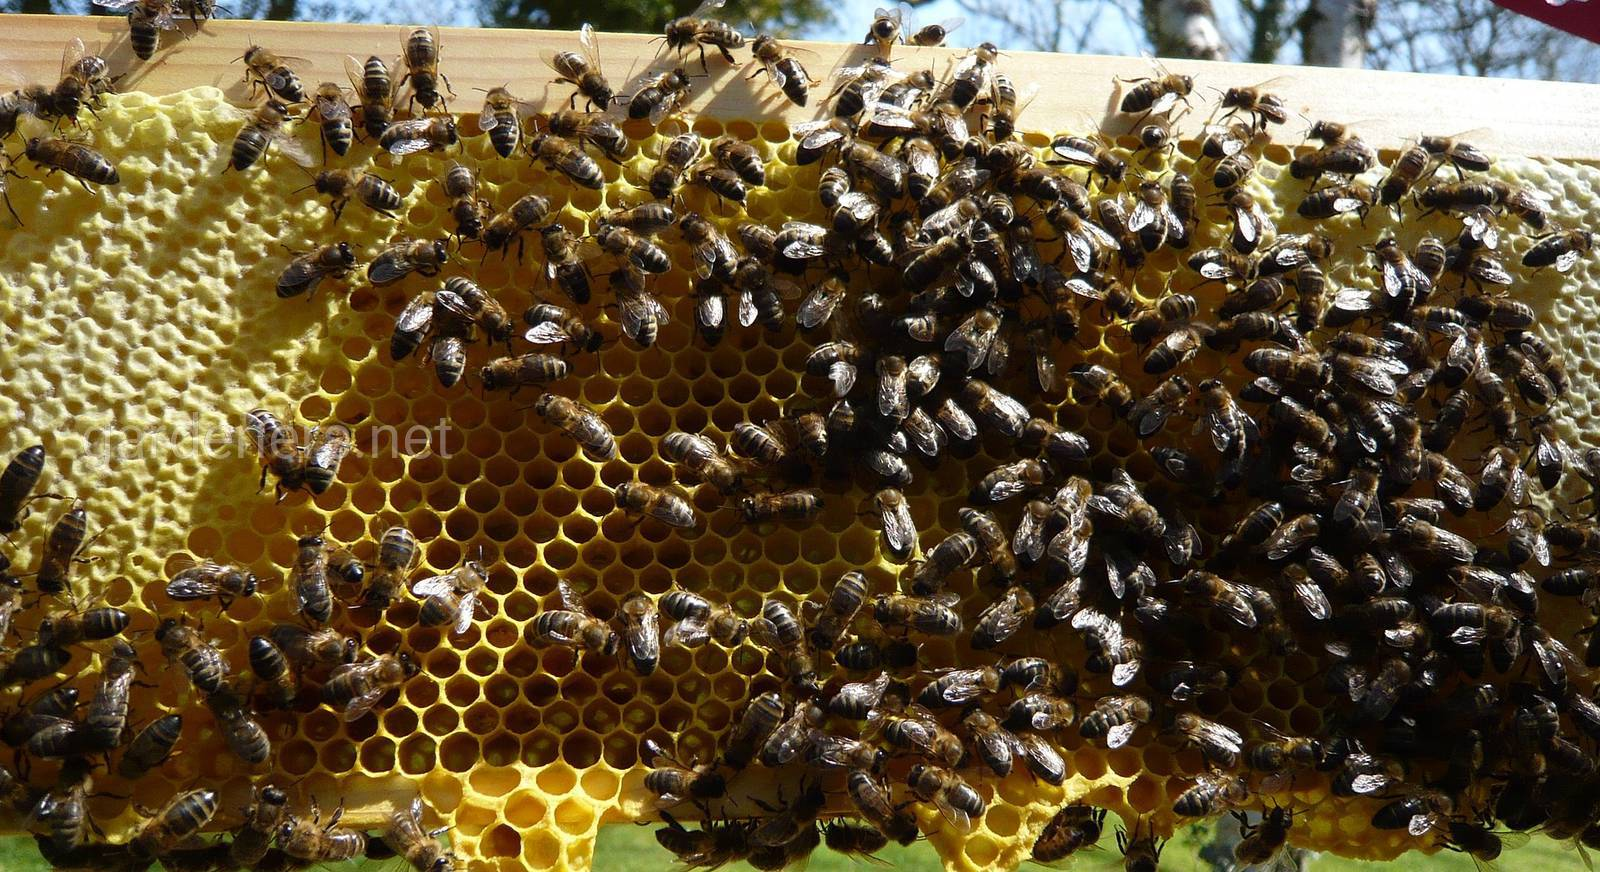 ошибки пчеловодов.jpg